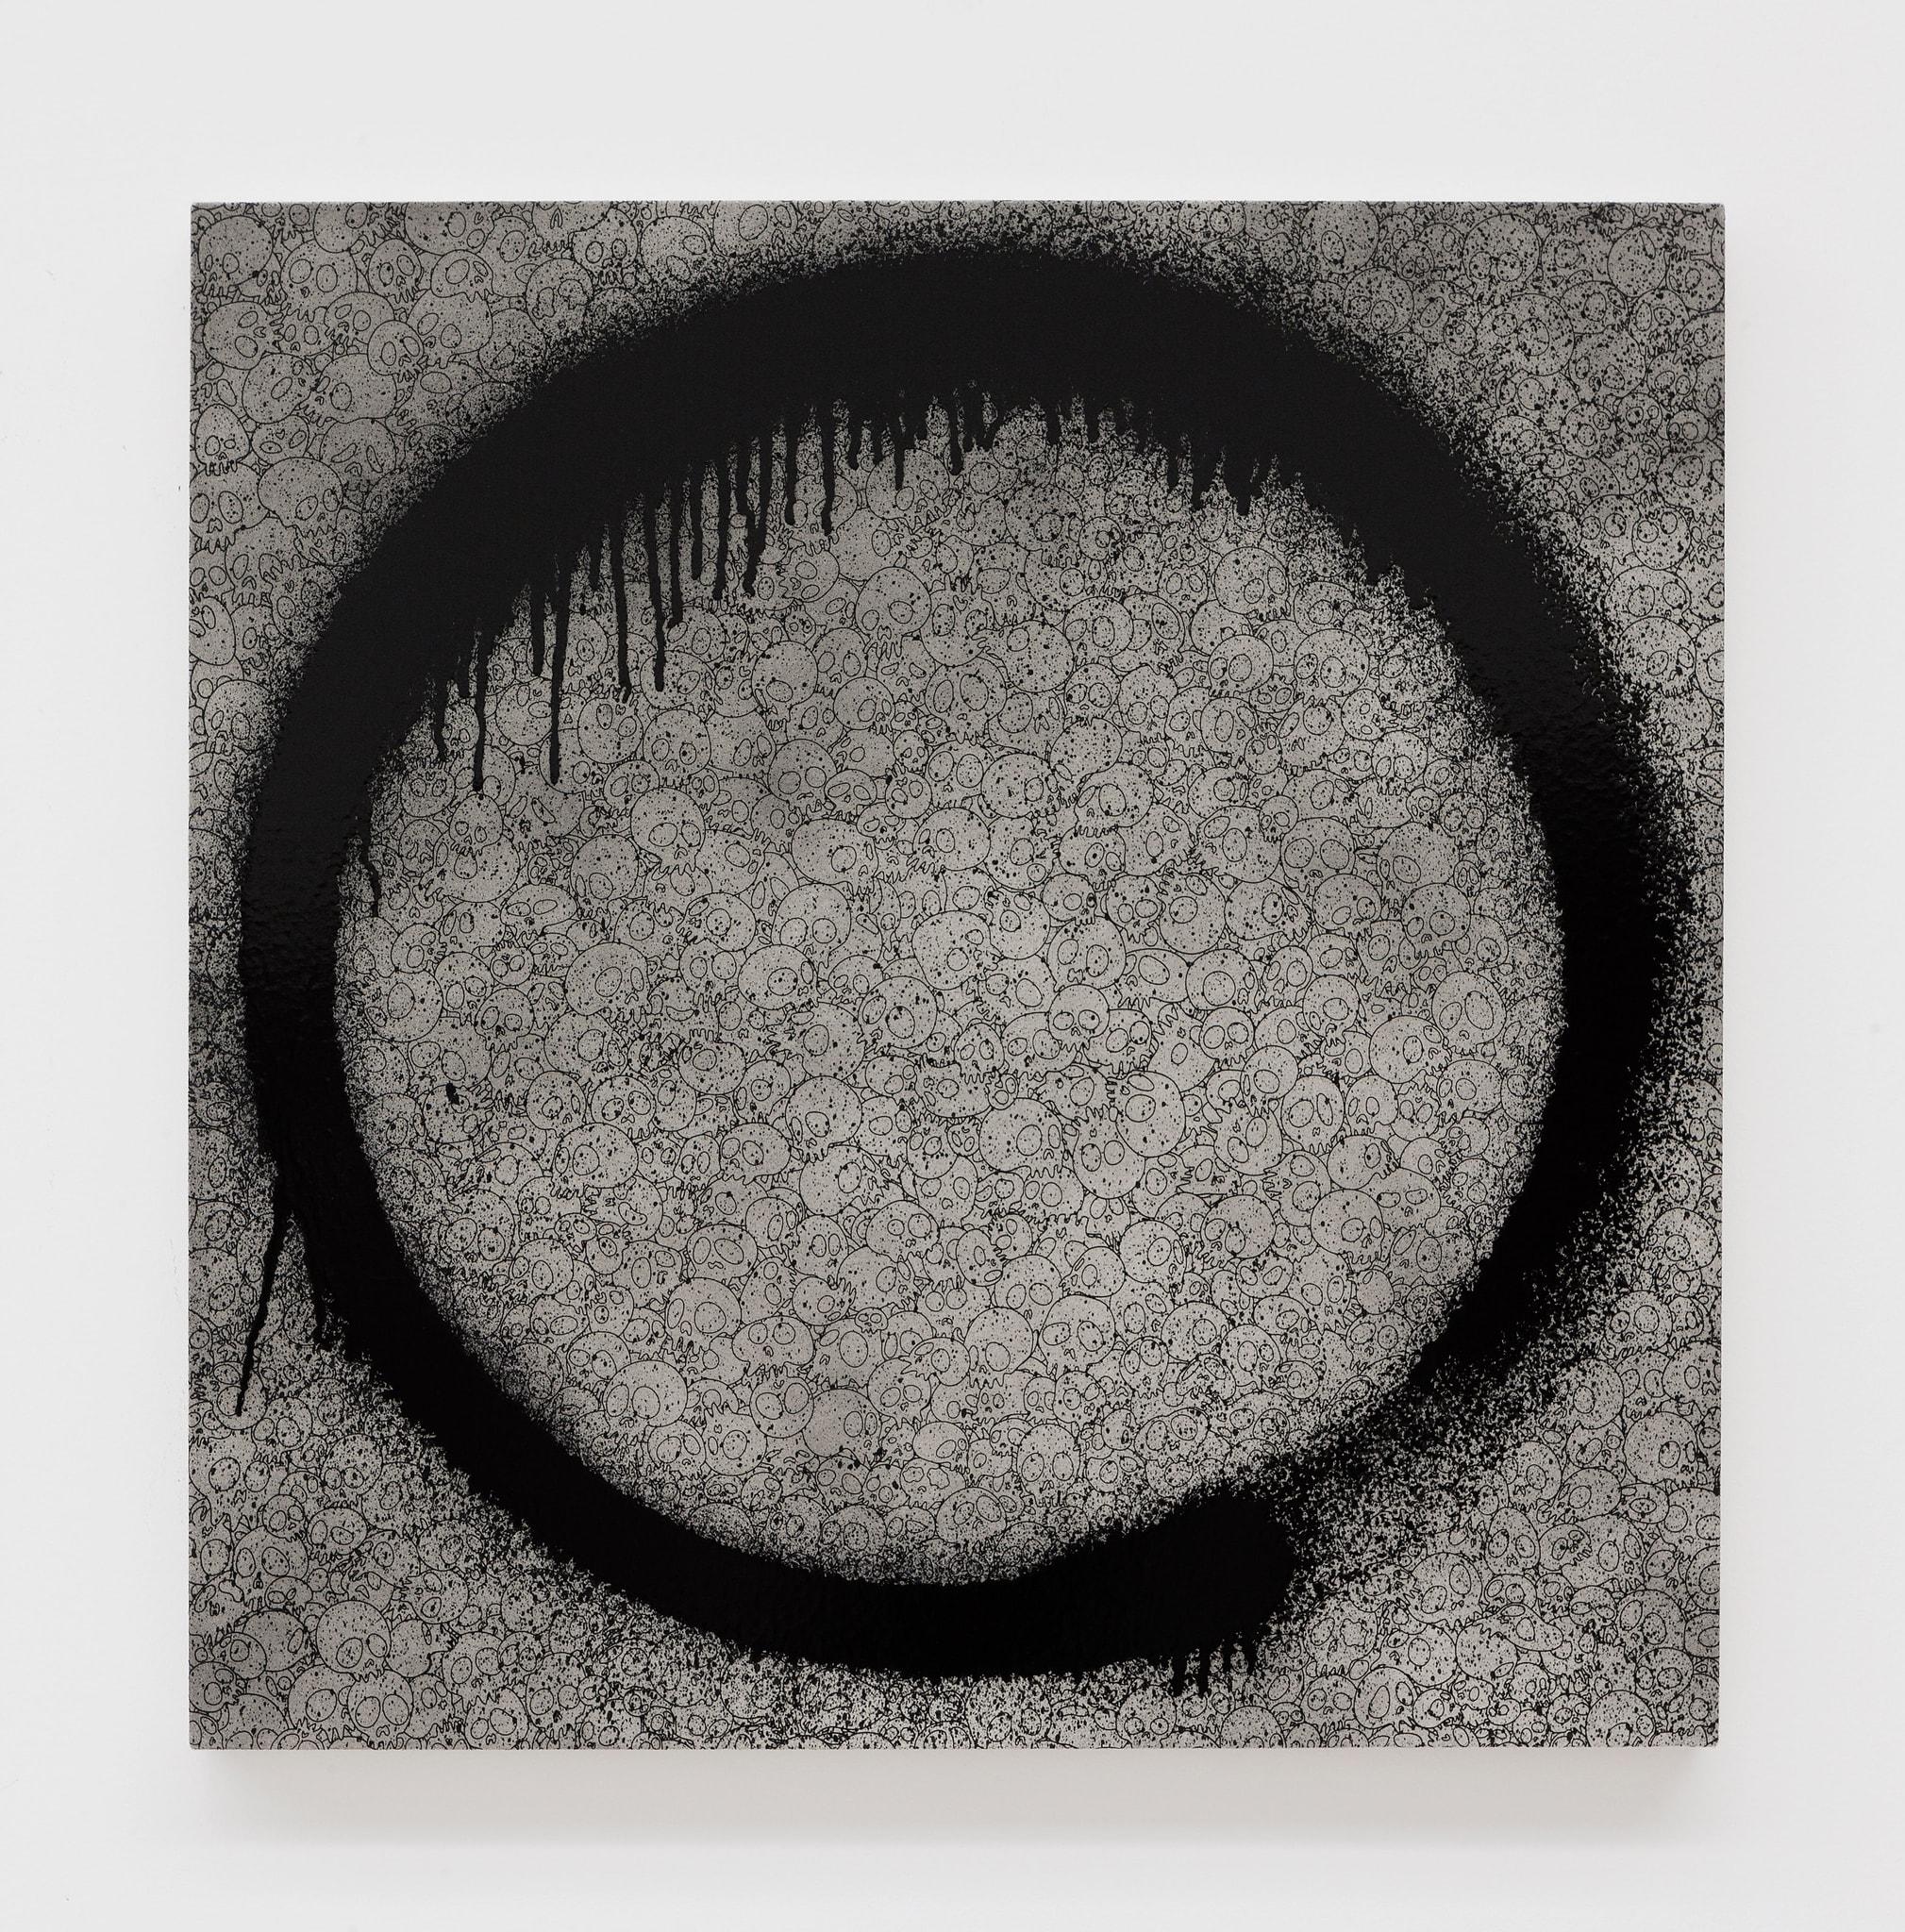 Ensō: Zen and Death by Takashi Murakami